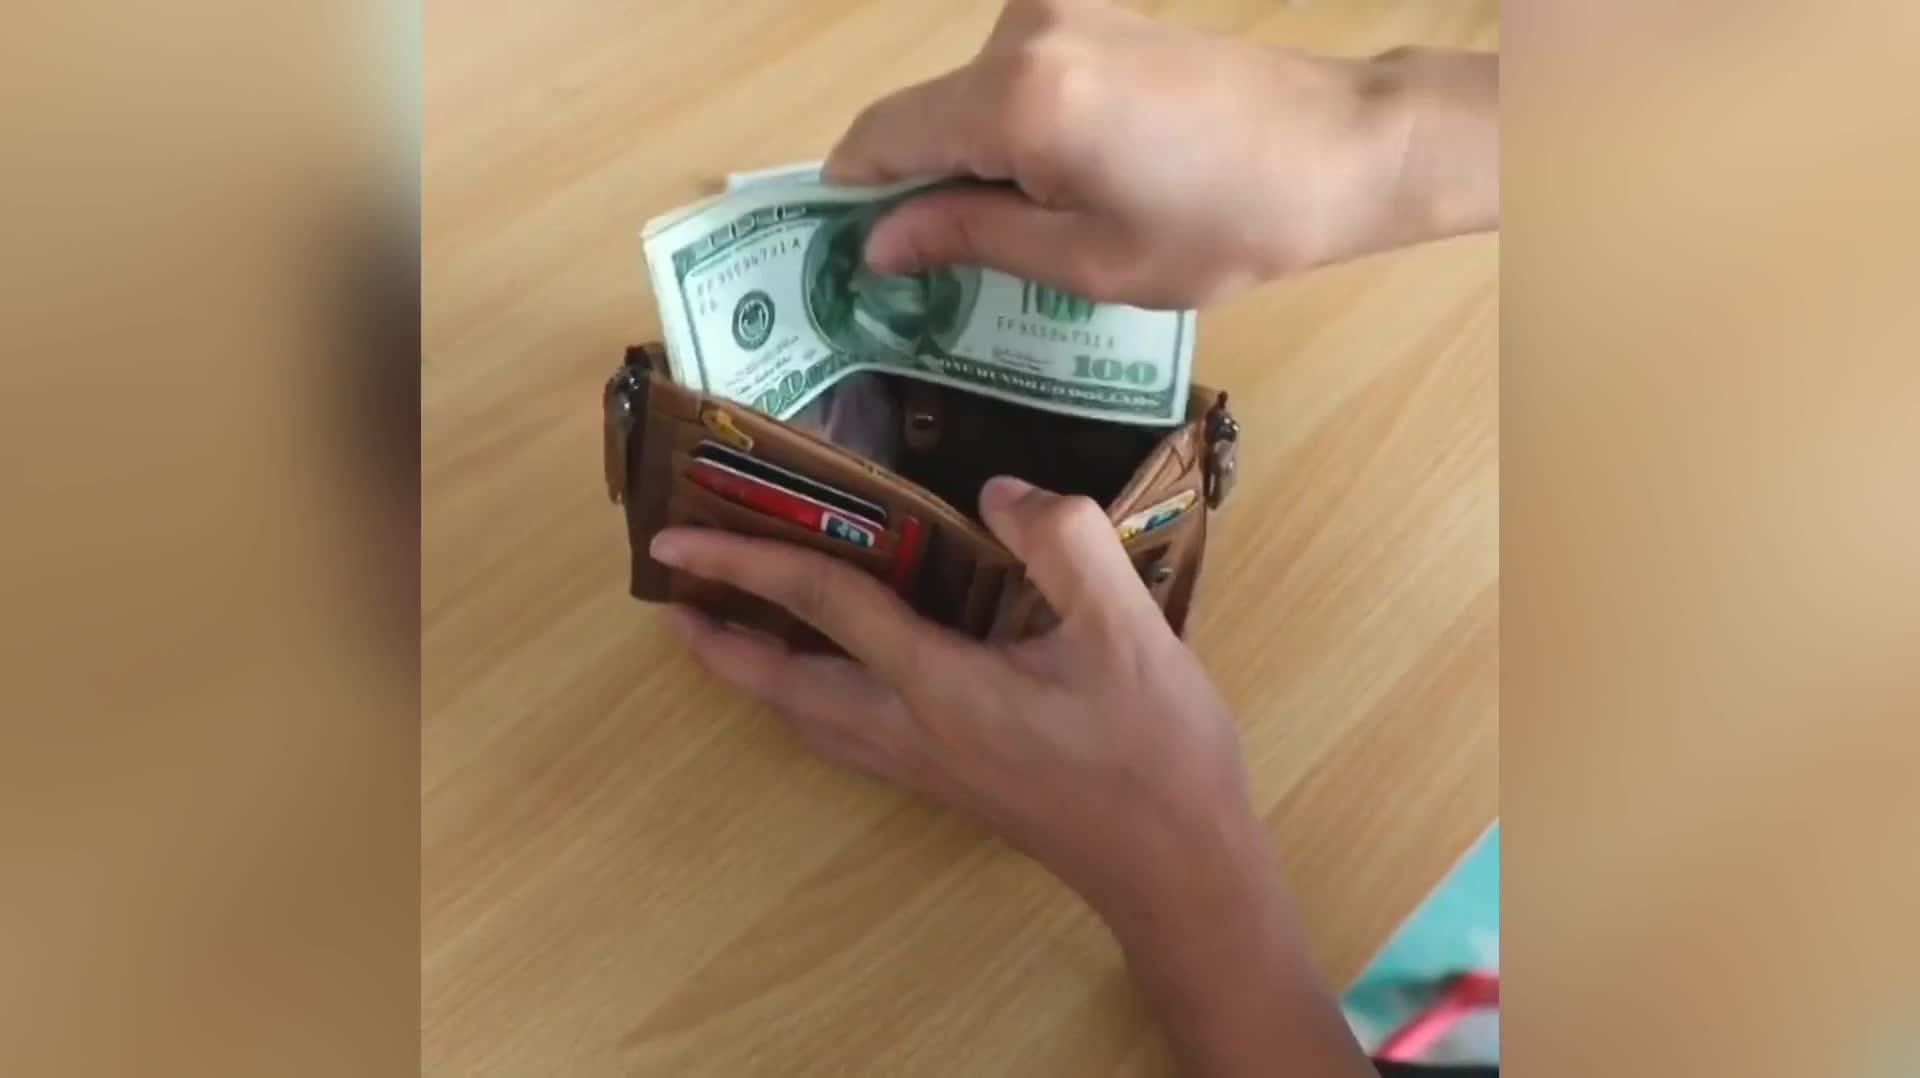 Estanla ブランド本革財布高級プレミアムメンズウォレットクレジットカードホルダーショート財布男性のための